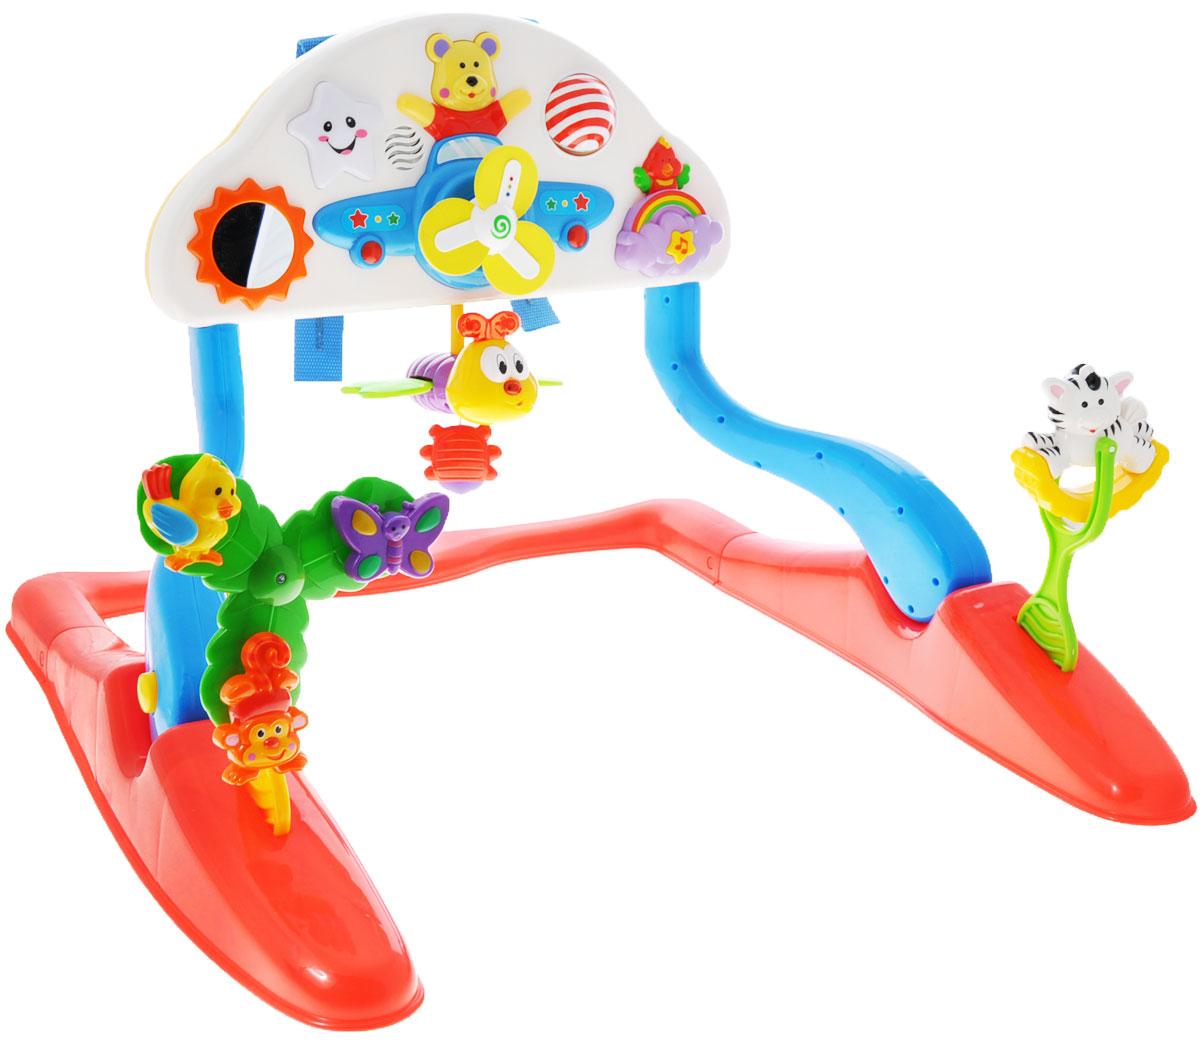 Kiddieland Развивающий гимнастический центр для малыша Flyng funKID 041913Развивающий гимнастический центр для малыша Kiddieland Flyng fun - это яркая игровая стойка на устойчивом основании, которая развлечет малыша мигающими огоньками, забавными мелодиями и приятными звуками. Малыш всегда найдет чем себя занять с таким центром, ведь здесь есть разнообразные кнопки и игрушки, подвески и даже зеркальце. Стойка может устанавливаться в два положения, для игры лежа и для игры сидя. С помощью специальных ремней ее можно закрепить на детской кроватке. На стойке расположены различные кнопочки, нажимая которые, малыш будет слышать забавные мелодии. В центре основной панели расположен самолет с подвижными светящимися лопастями. На основании игрового центра расположены игрушки с крутящимися элементами. Развивающий центр дополнен игрушкой-пчелкой с инерционным механизмом. Игрушка развивает мелкую моторику, мышление, зрительное и звуковое восприятие, повышает двигательную активность малышей. Рекомендуемый возраст: от 18 месяцев. Питание: 3 батарейки типа...